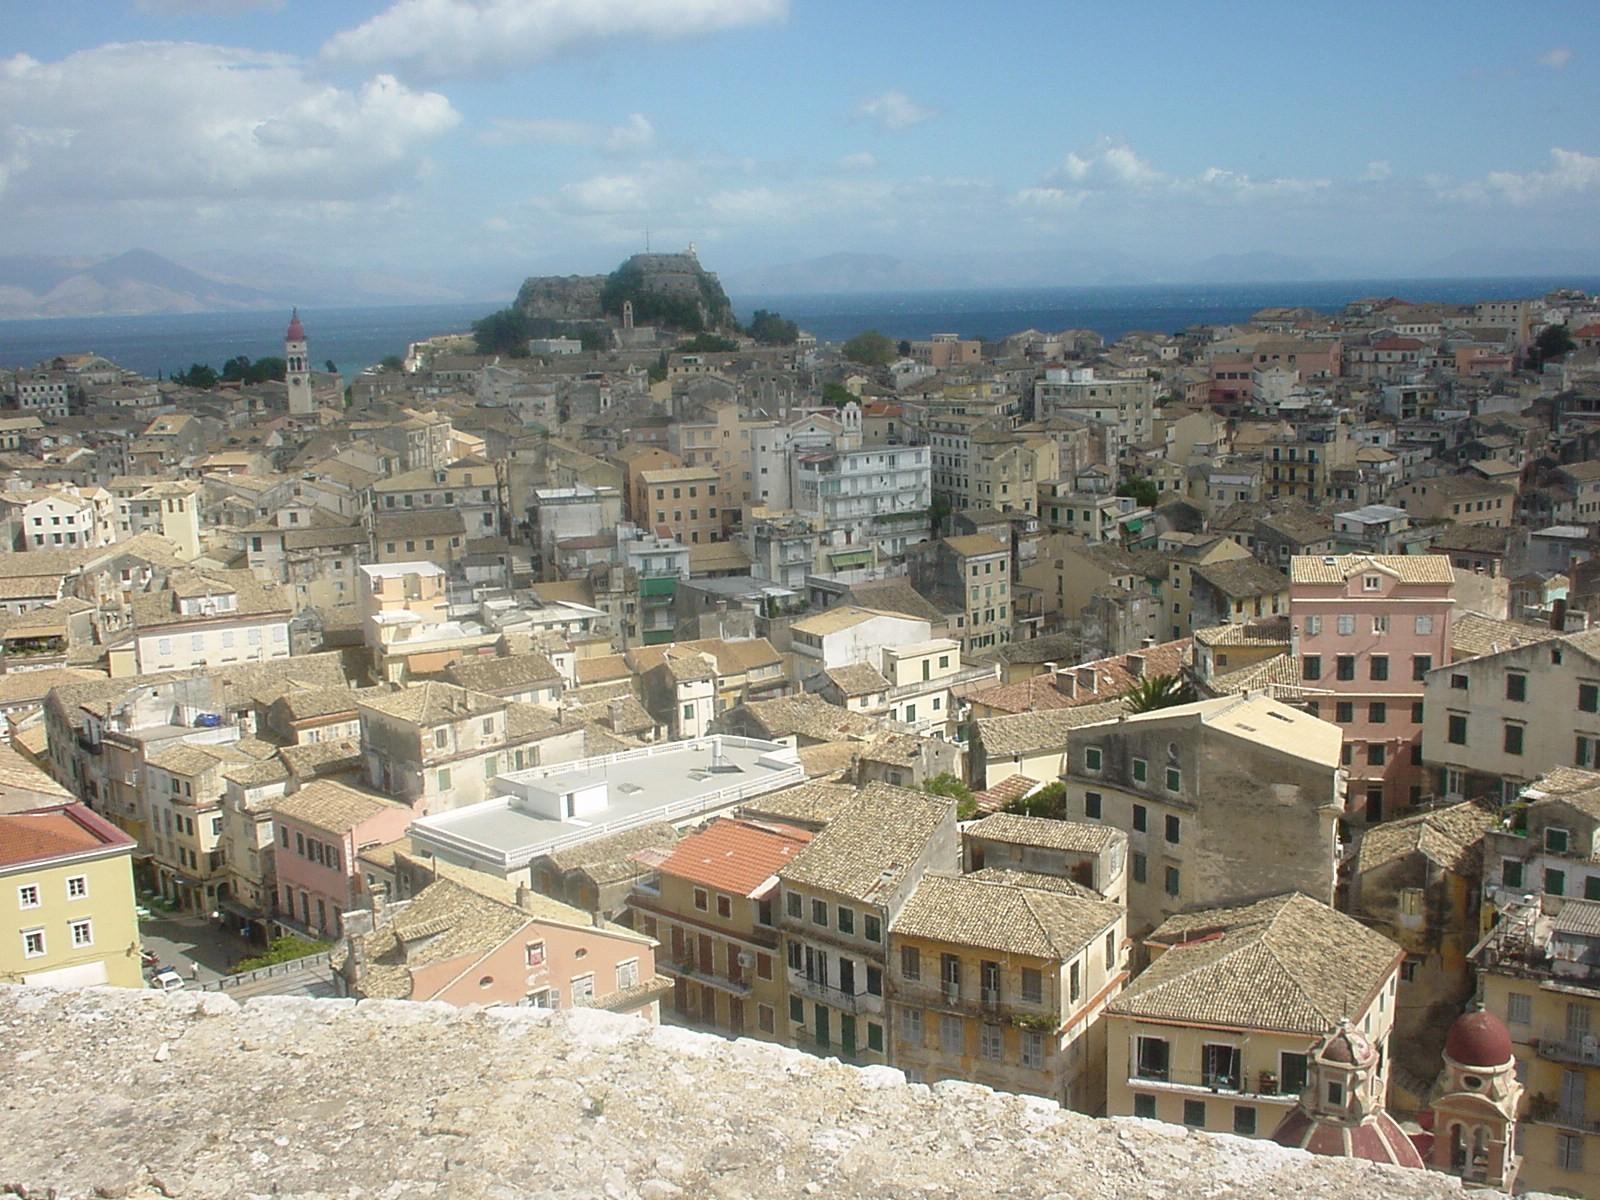 File:Corfu town.jpg - Wikipedia